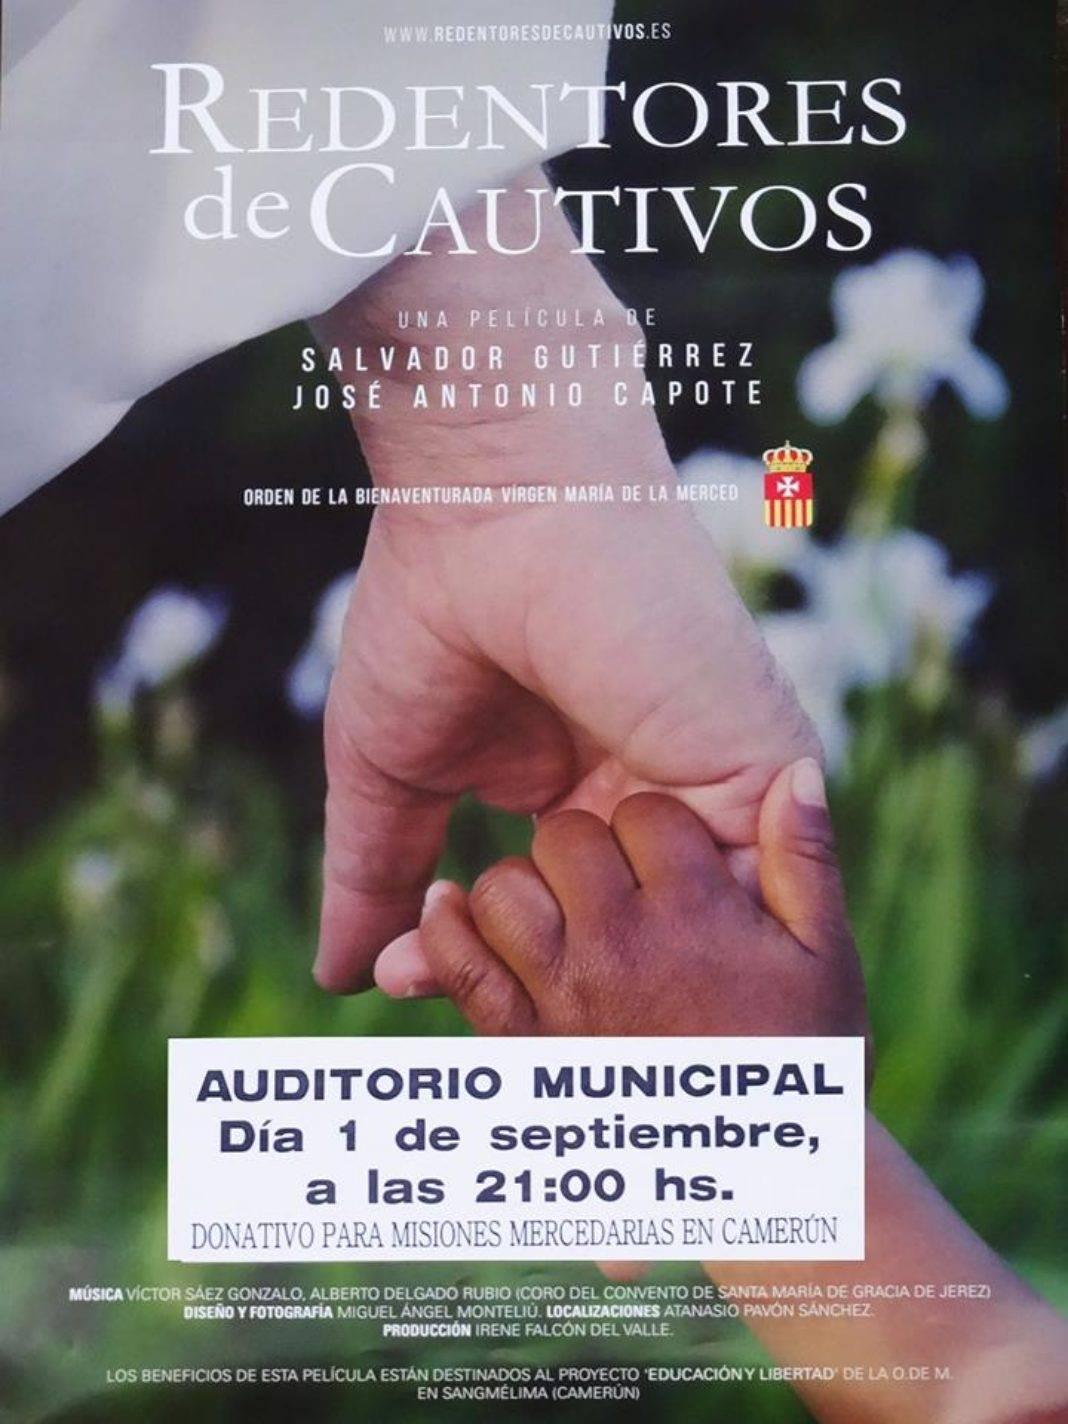 """REDENTORES DE CAUTIVOS EN HERENCIA 1068x1424 - El documental """"Redentores de Cautivos"""" se estrenará en Herencia"""